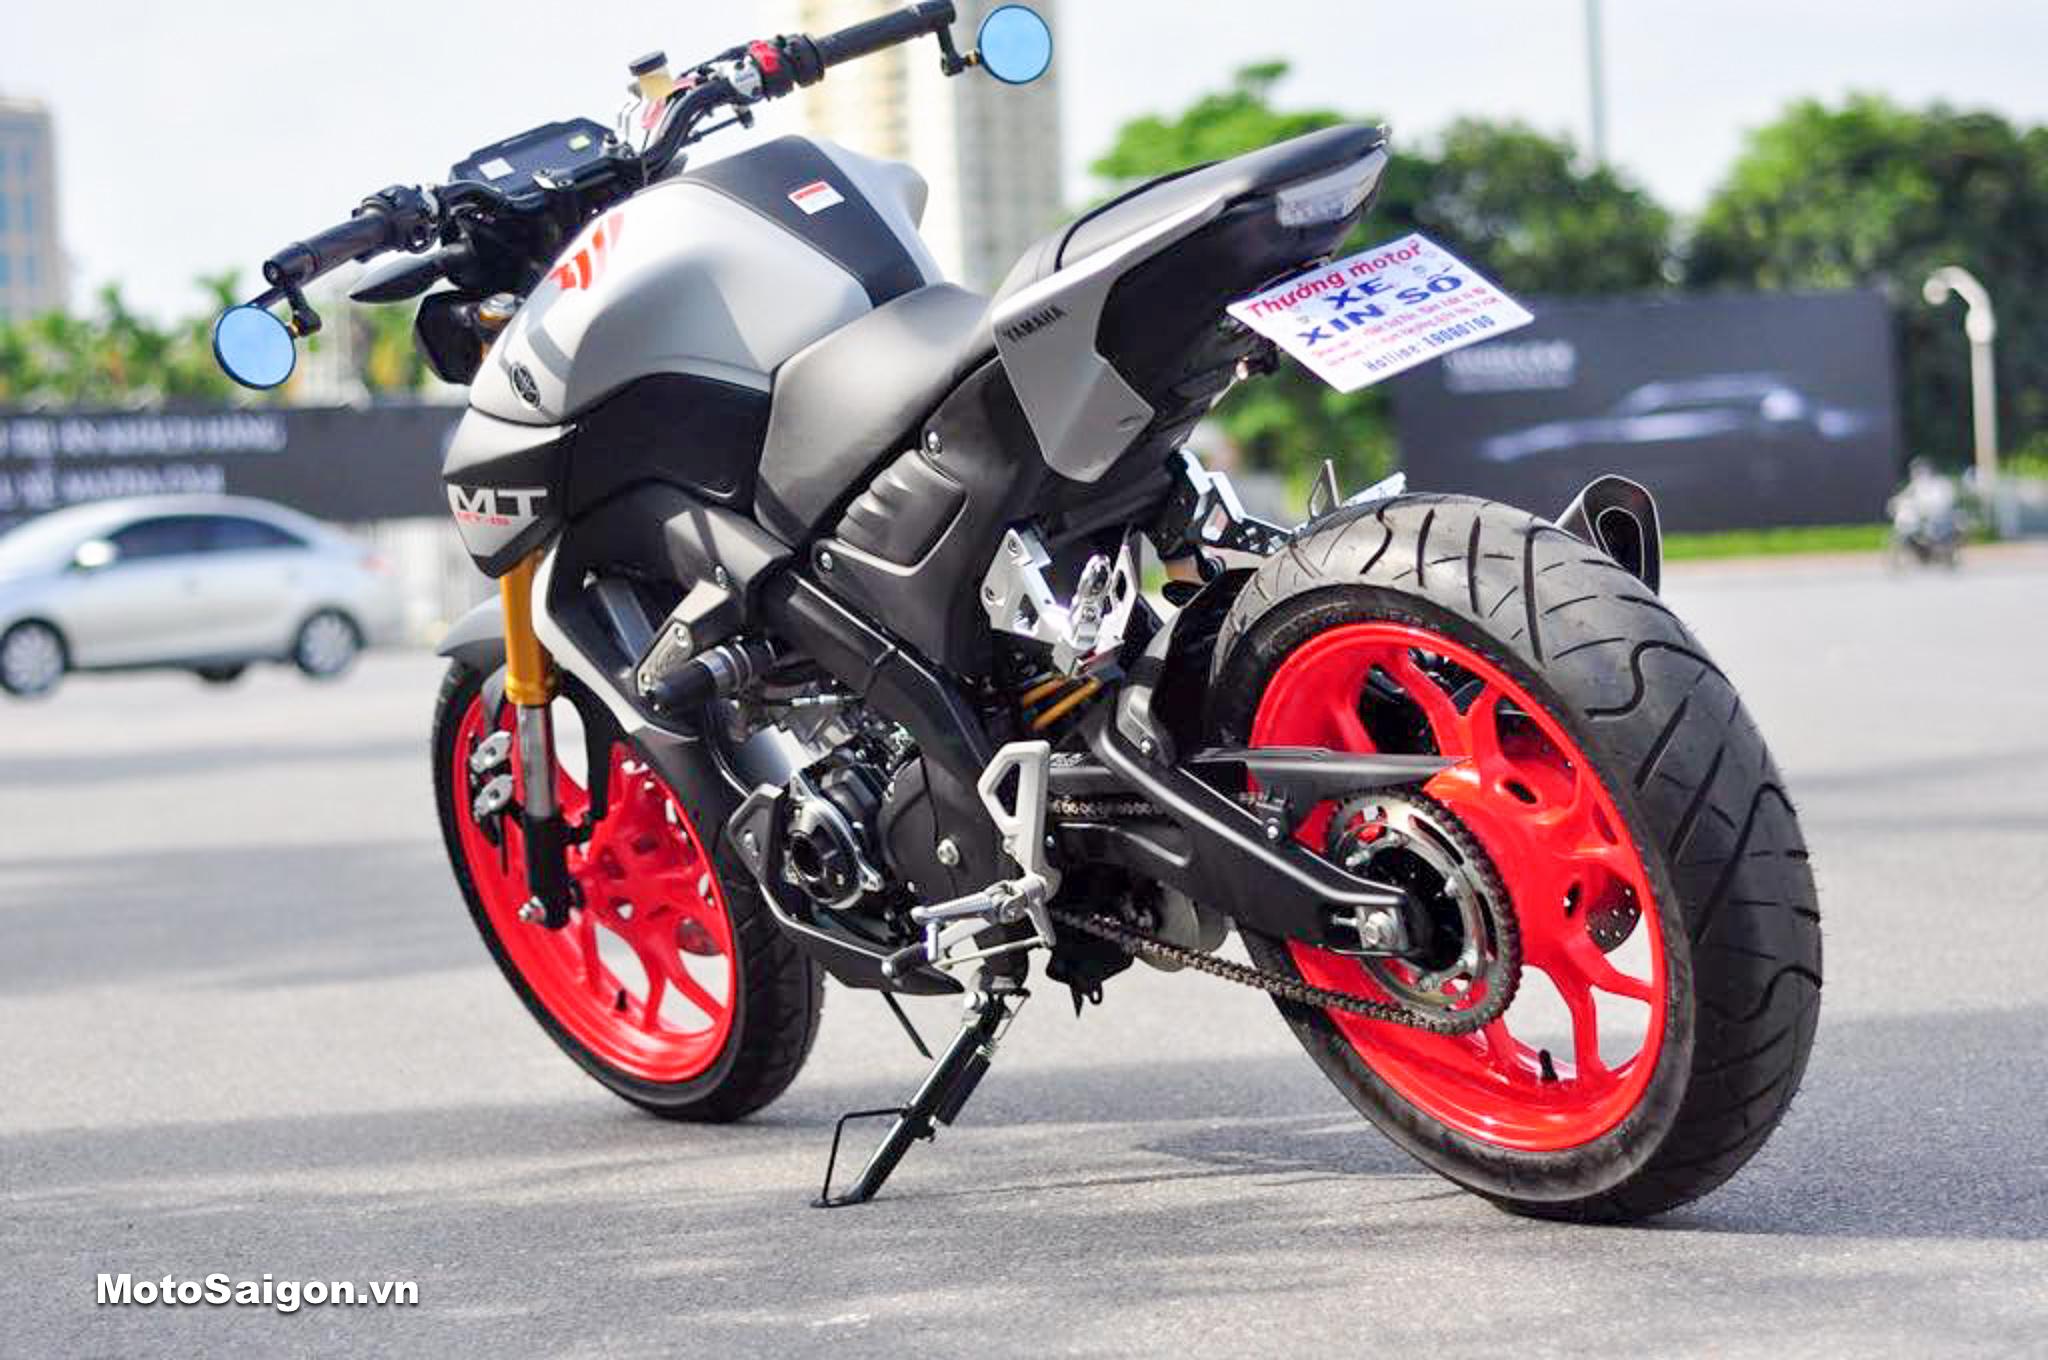 Yamaha MT-15 2019   Ficha Técnica, Imagens e Preço